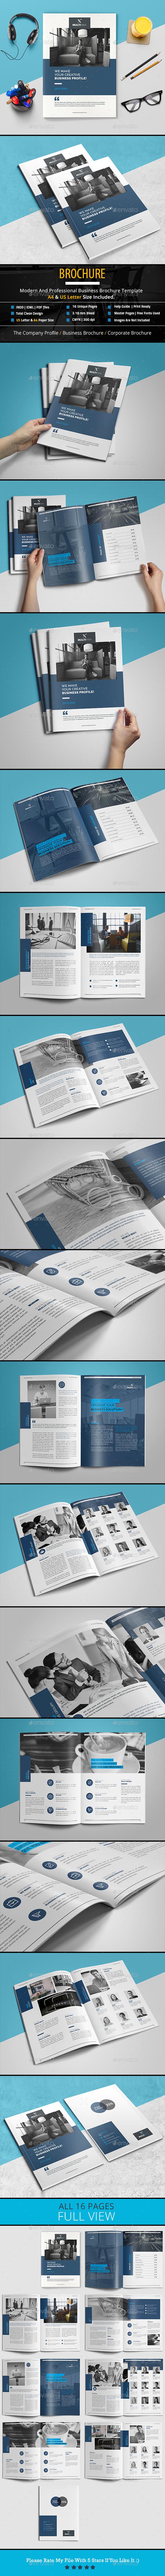 GraphicRiver Brochure 20367452